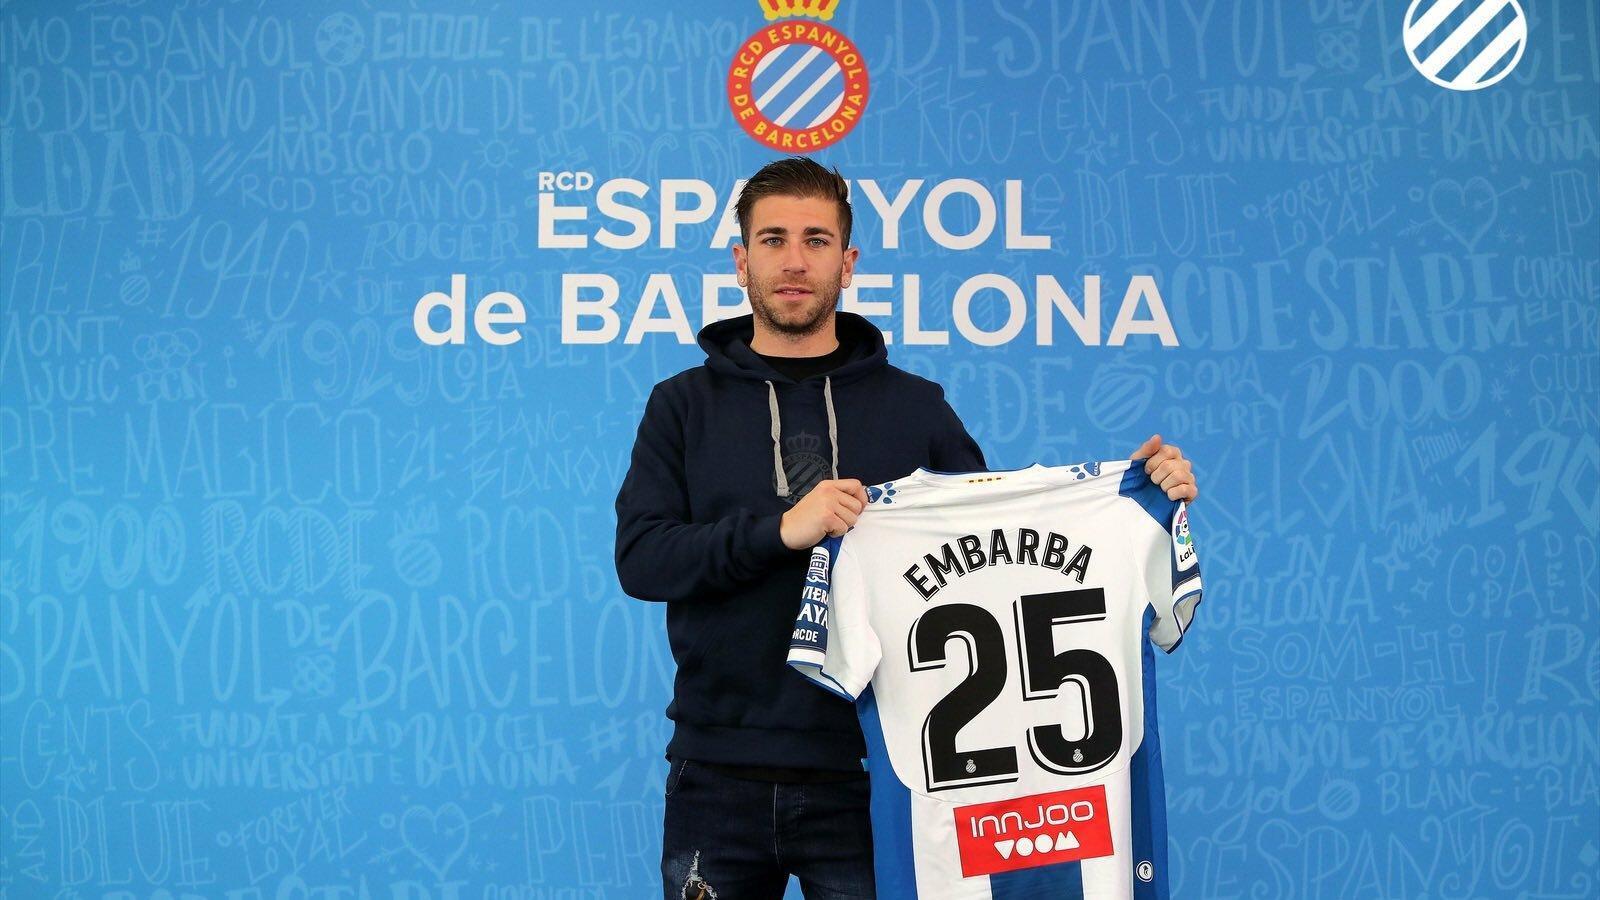 Embarba lluirà el dorsal 25 a la samarreta de l'Espanyol